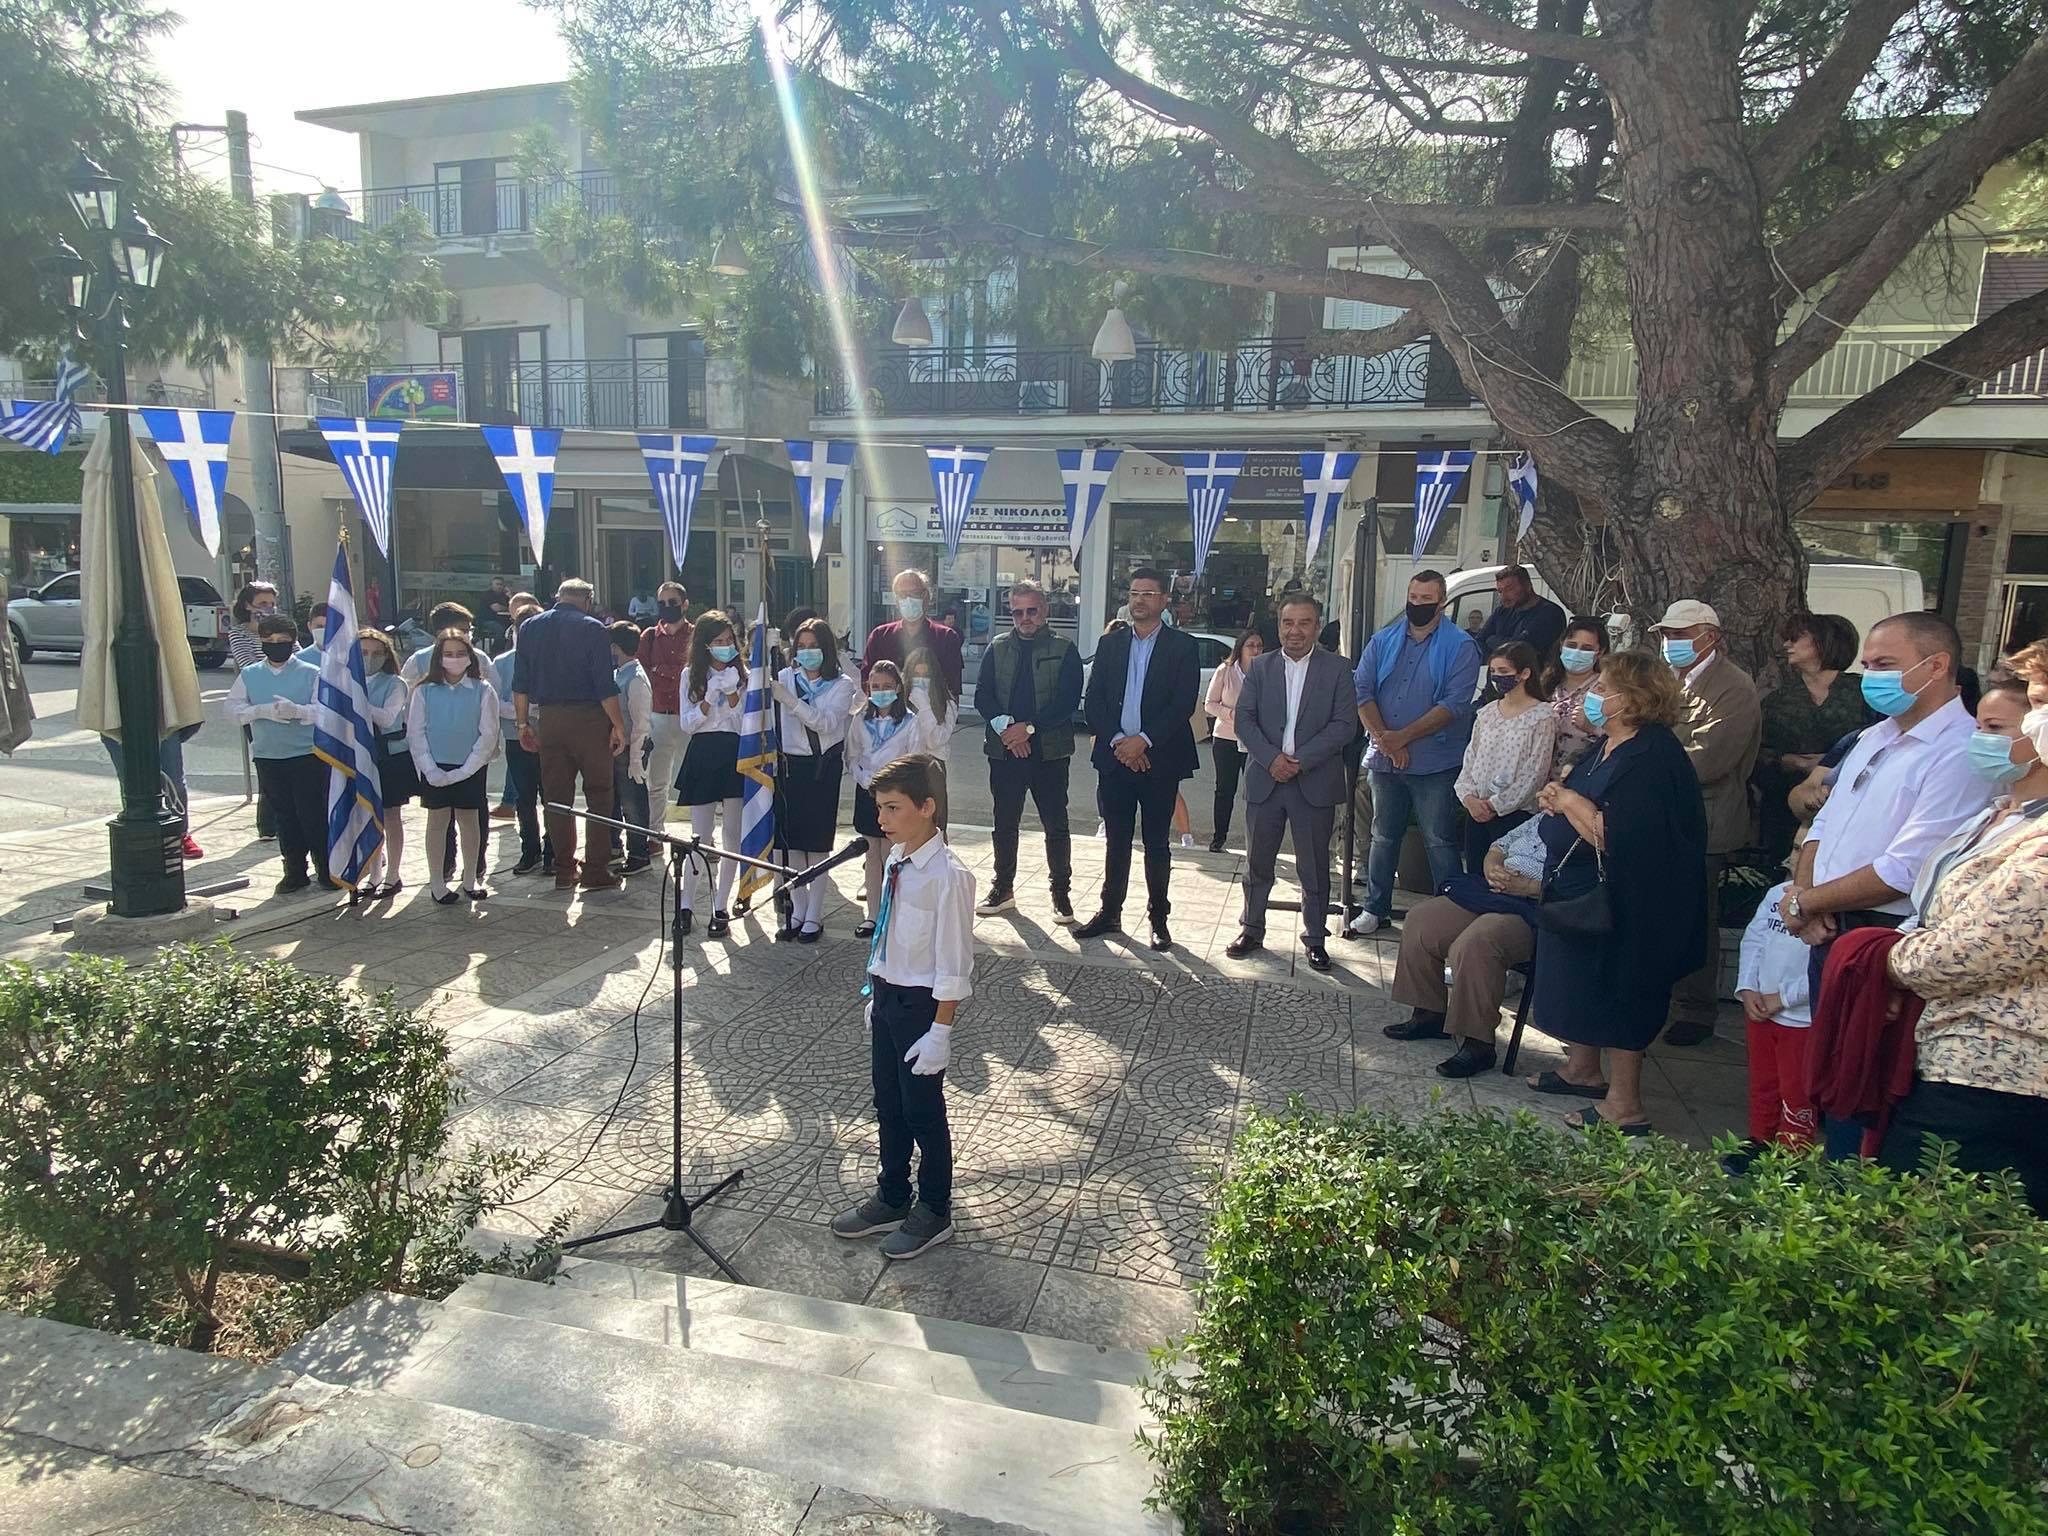 Δήμος Ανδραβίδας-Κυλλήνης: Καταθέσεις στεφάνων υπέρ της μνήμης των ηρώων-αγωνιστών πραγματοποίησαν οι μαθητές των σχολικών μονάδων των Λεχαινών